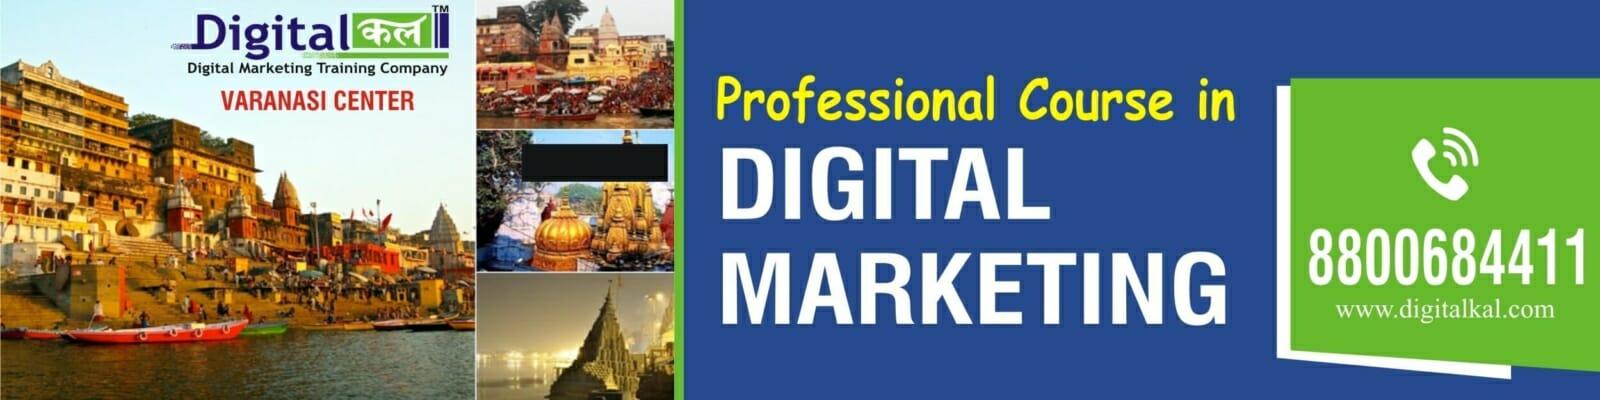 Digital Marketing Course Varanasi